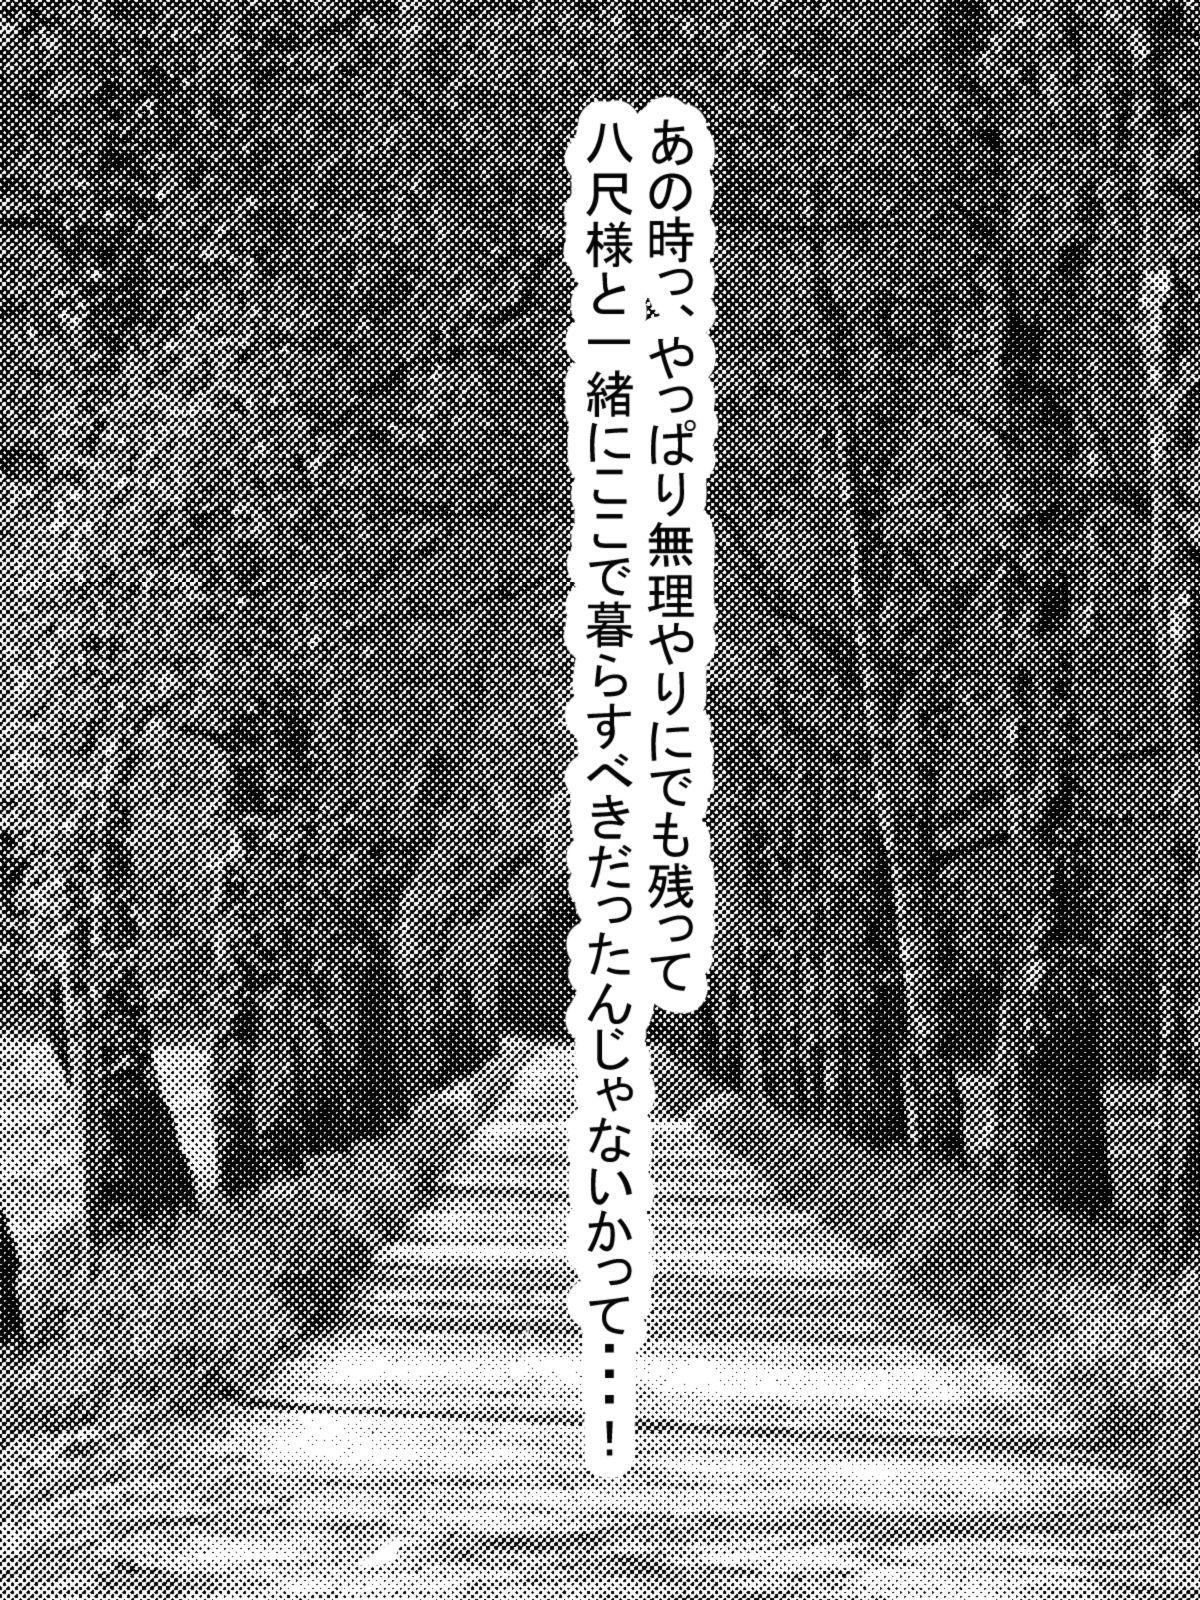 Hasshaku-sama to Boku no Paizuri Memories 83